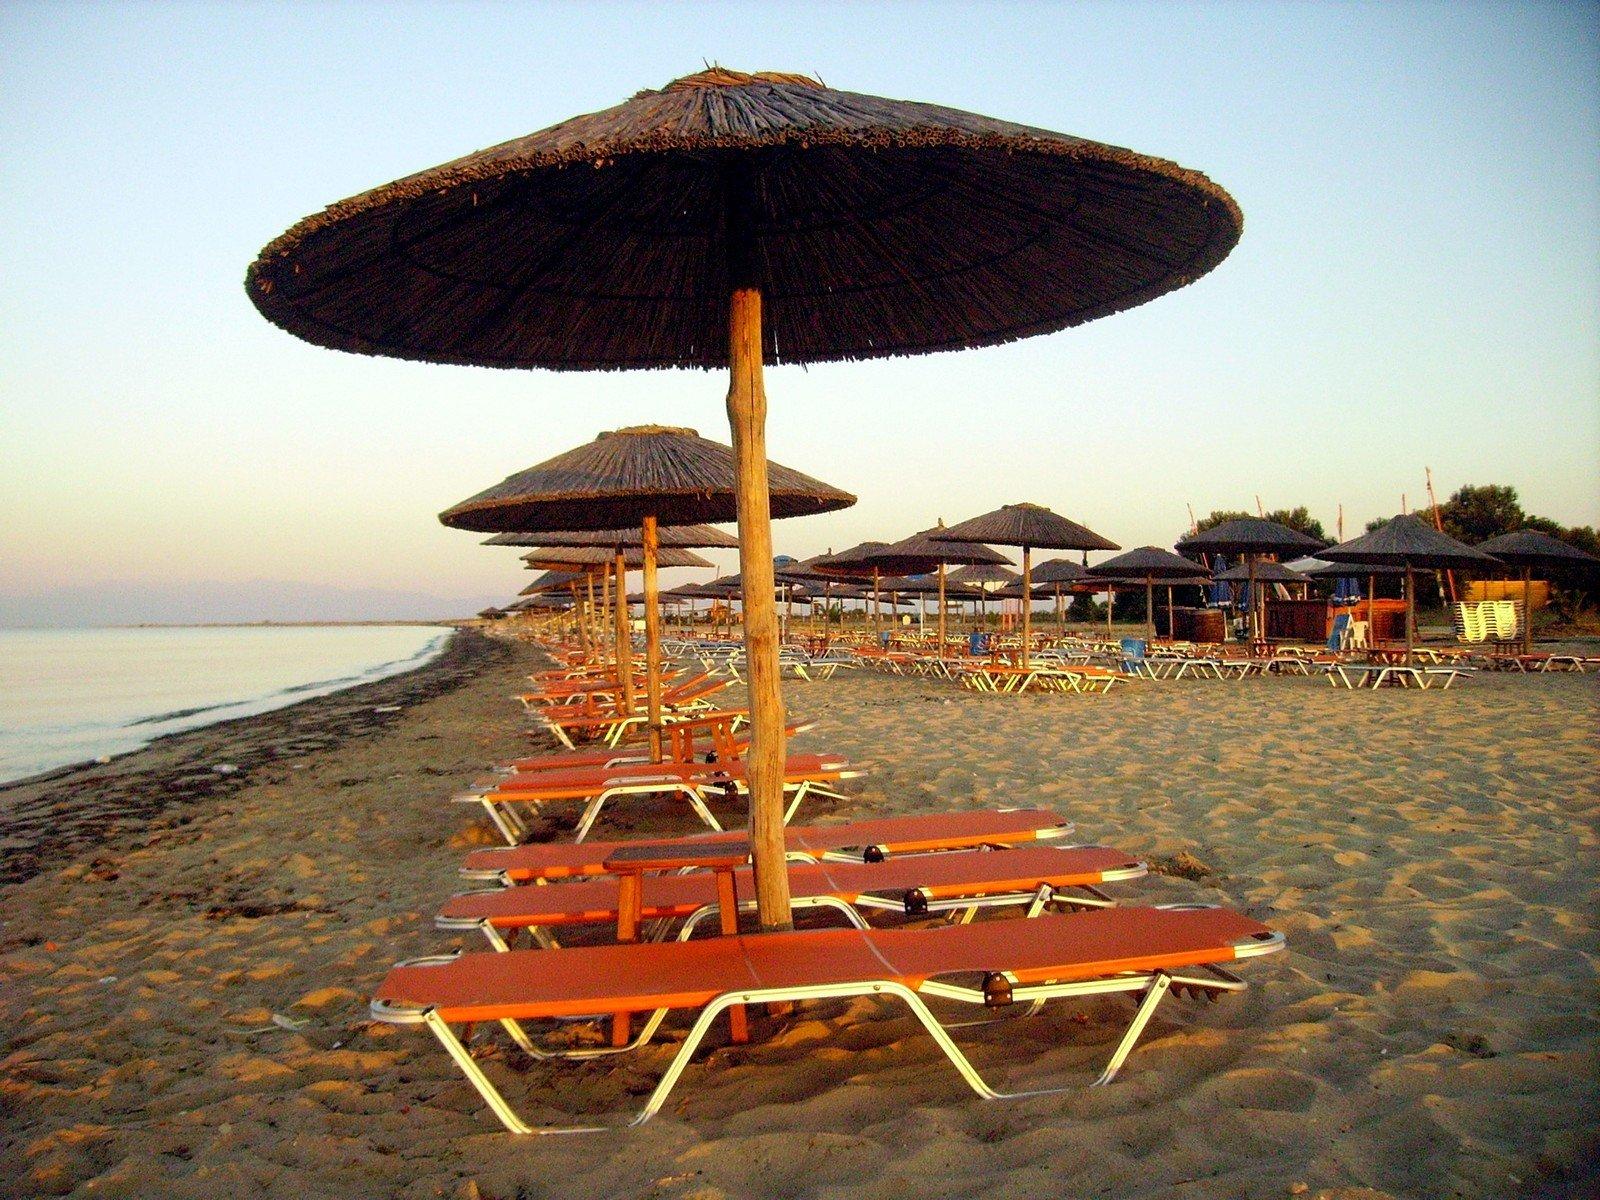 guarda sol personalizado Praia, manhã, areia